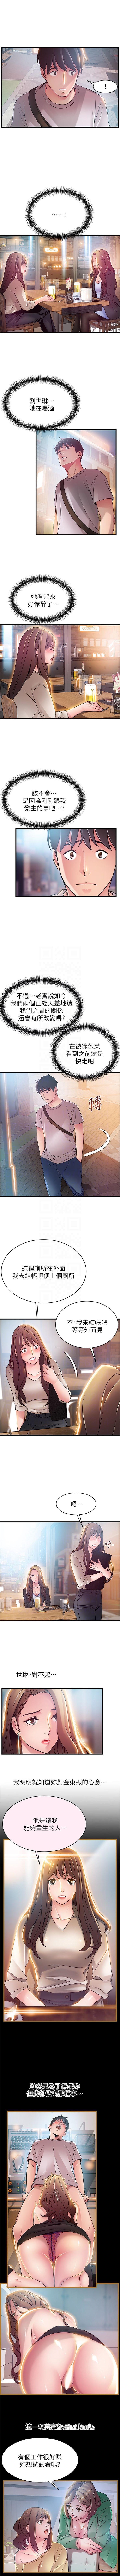 弱点 1-64 中文翻译(更新中) 266